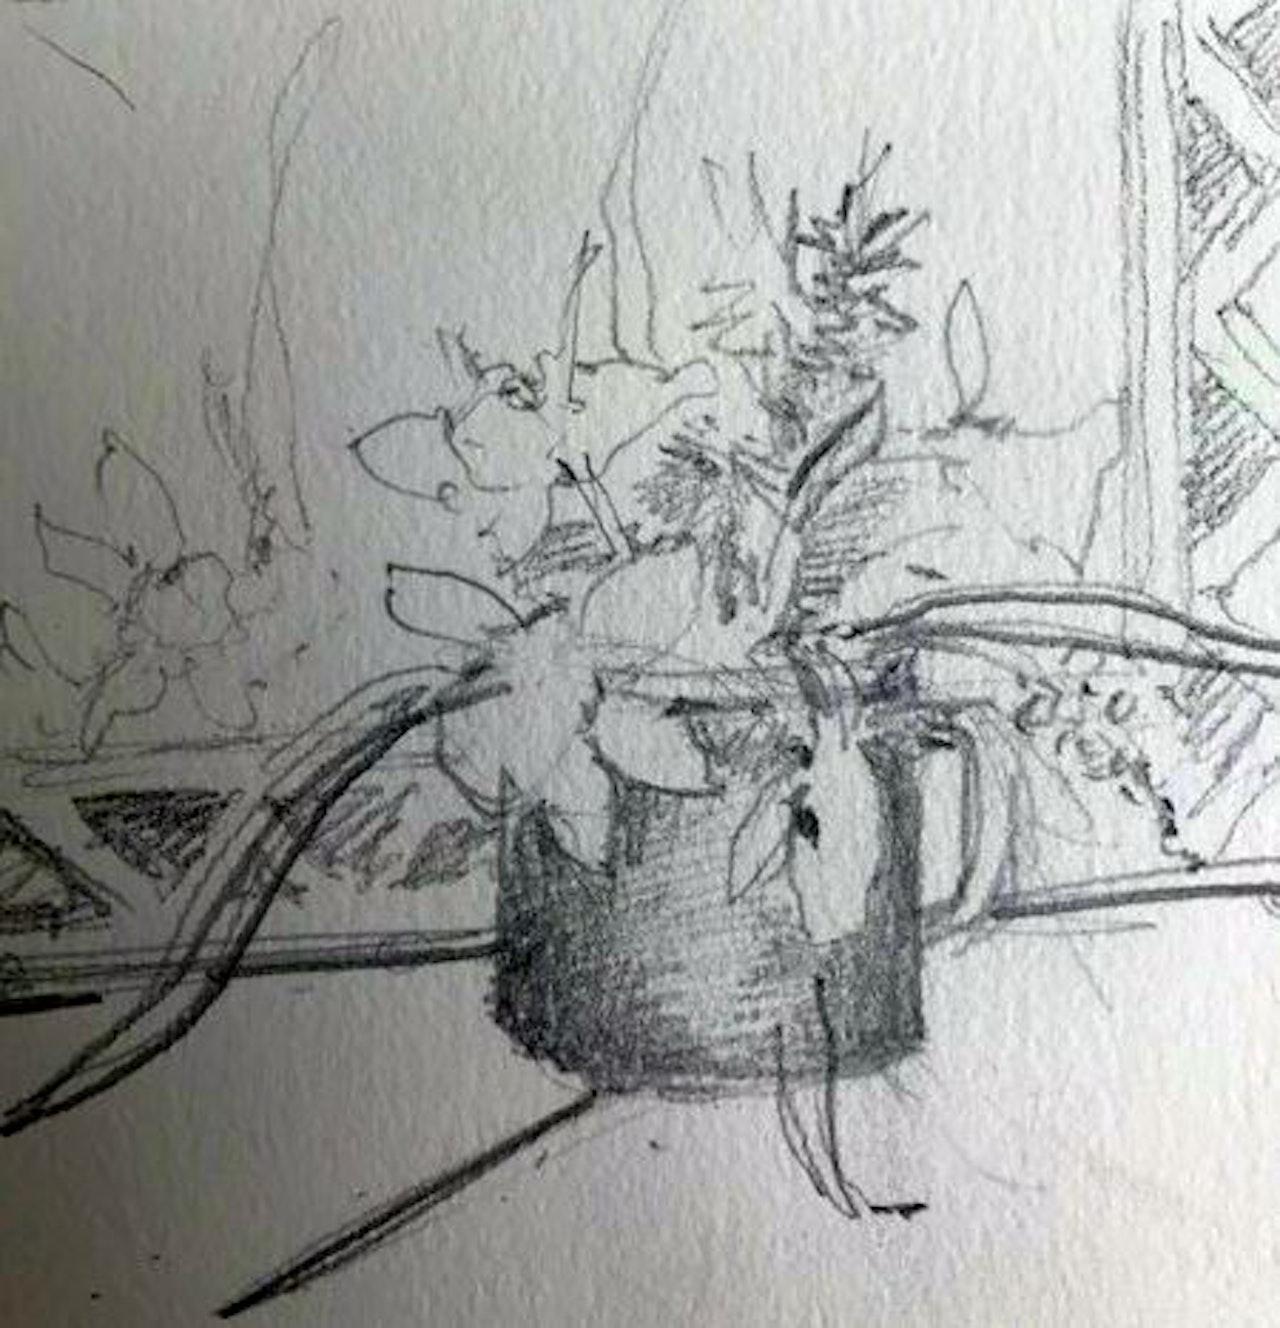 Week 9 Moody March, Daffs drawing